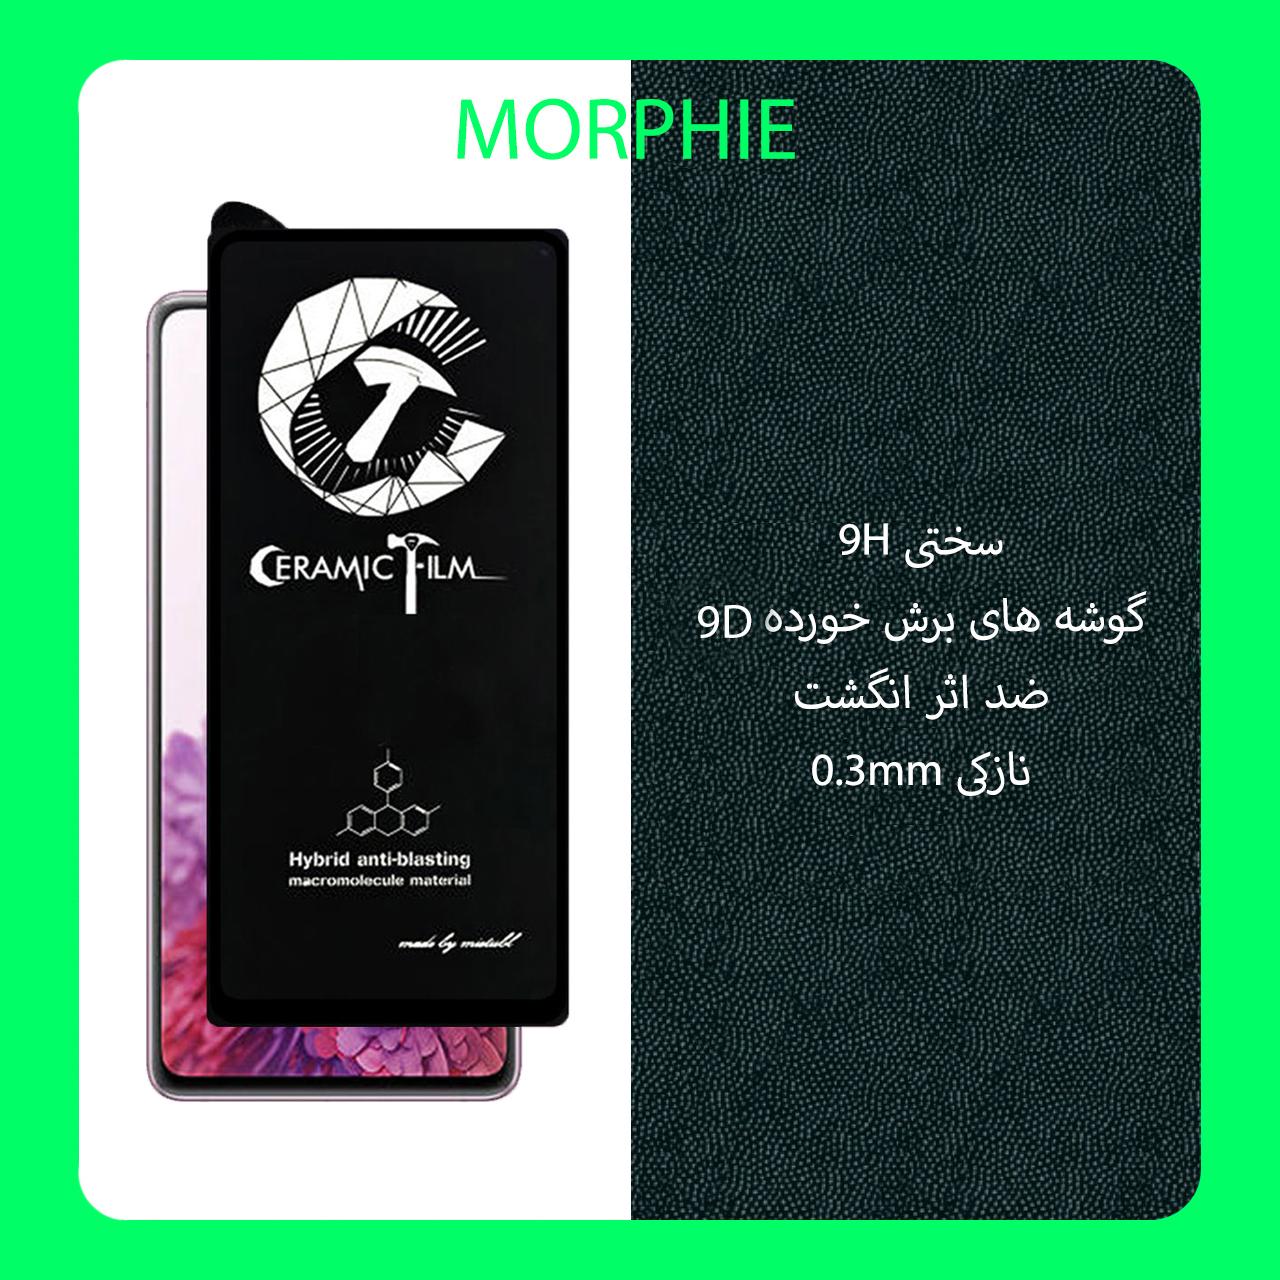 محافظ صفحه نمایش سرامیکی مورفی مدل MEIC مناسب برای گوشی موبایل سامسونگ Galaxy S10 Lite